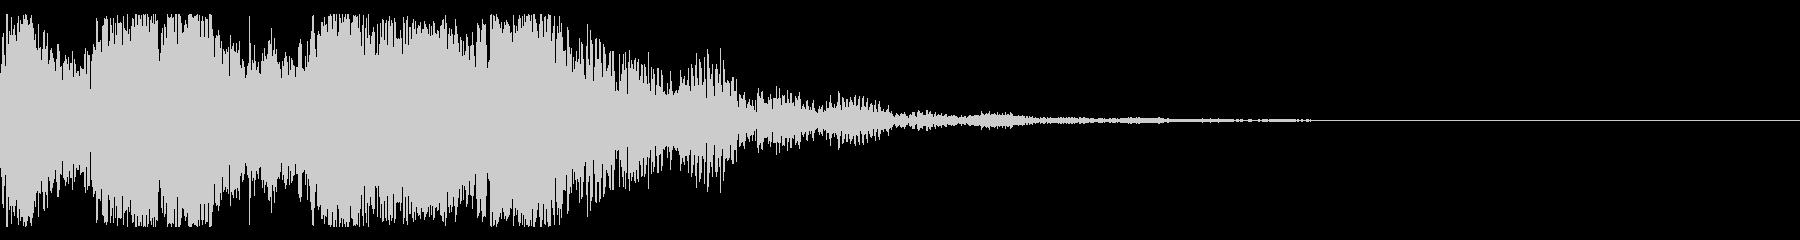 よお〜!ドン!/太鼓/歌舞伎ジングル41の未再生の波形